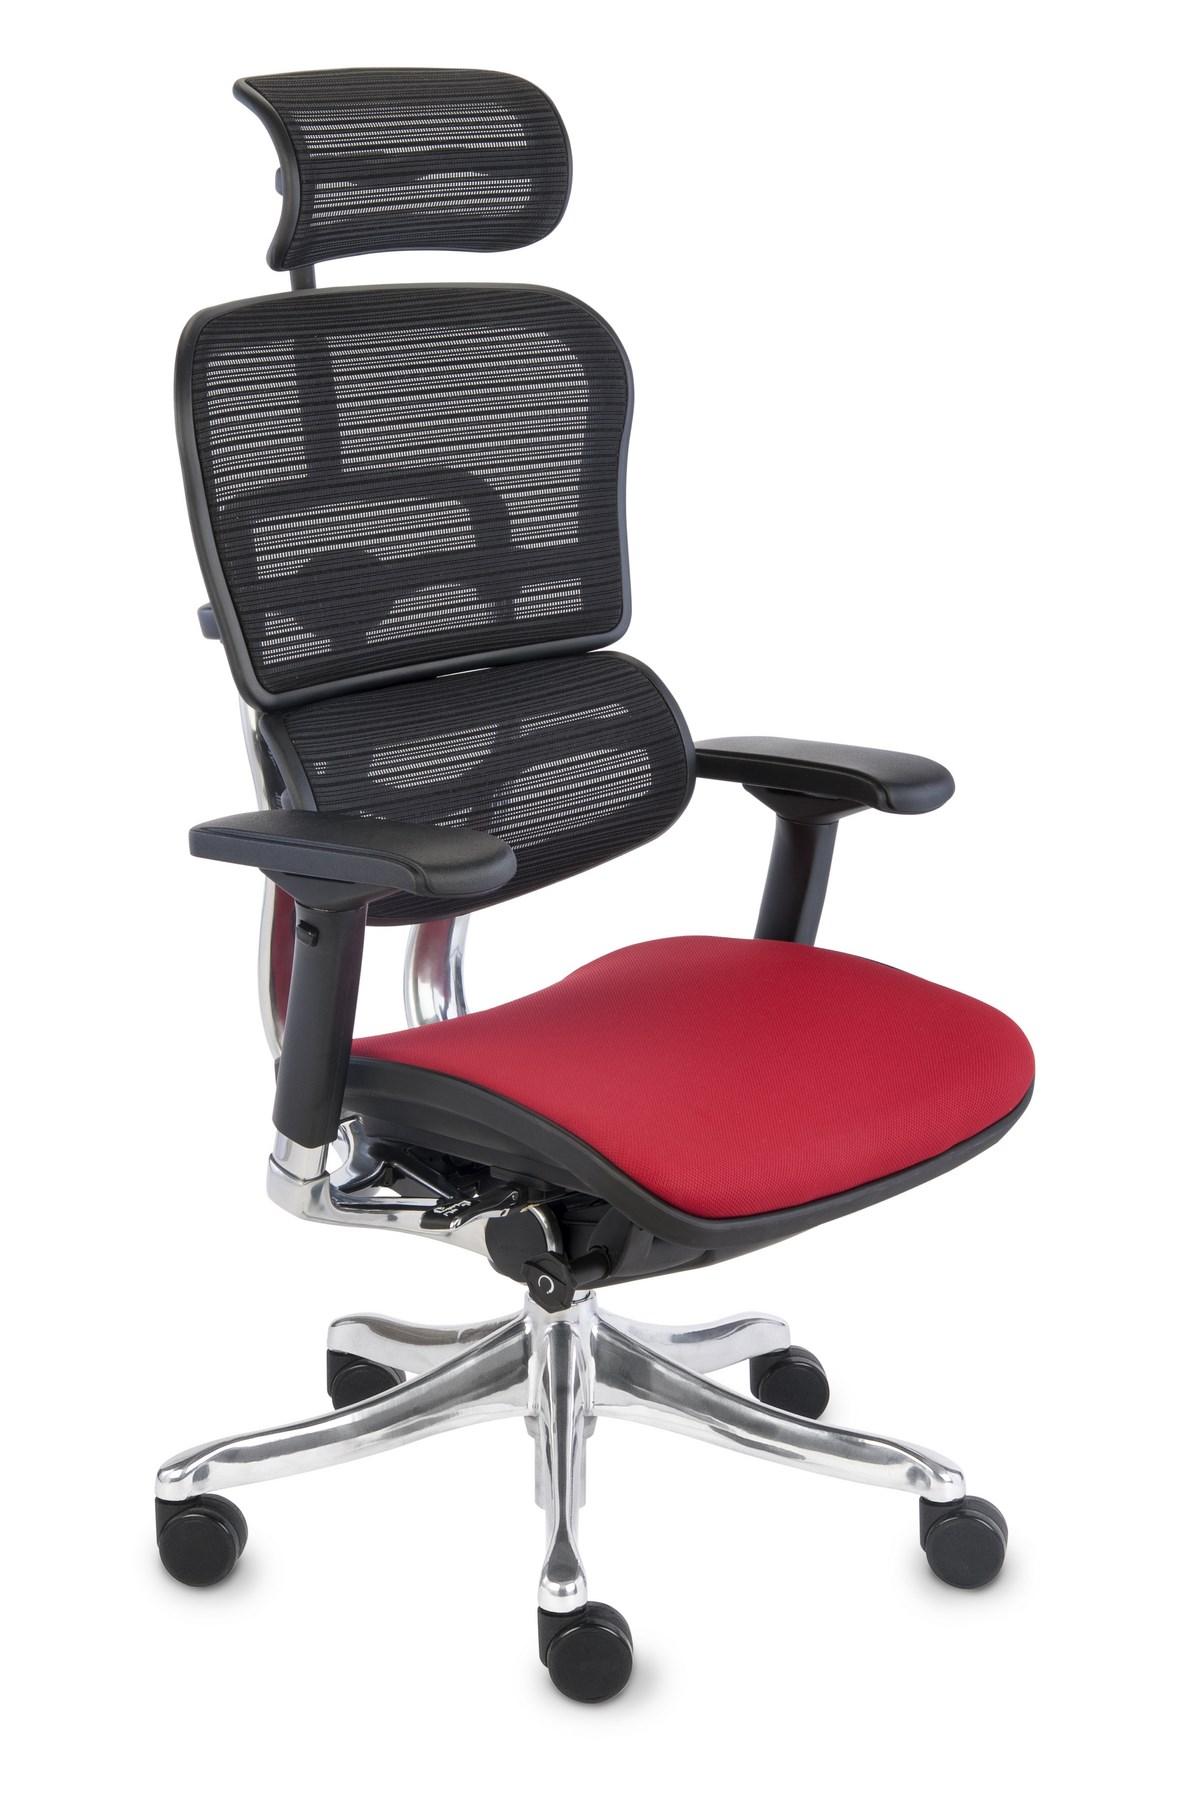 Ergohuman Plus Elite Color, Backrest: KMD 31, Seat: Medley MD02